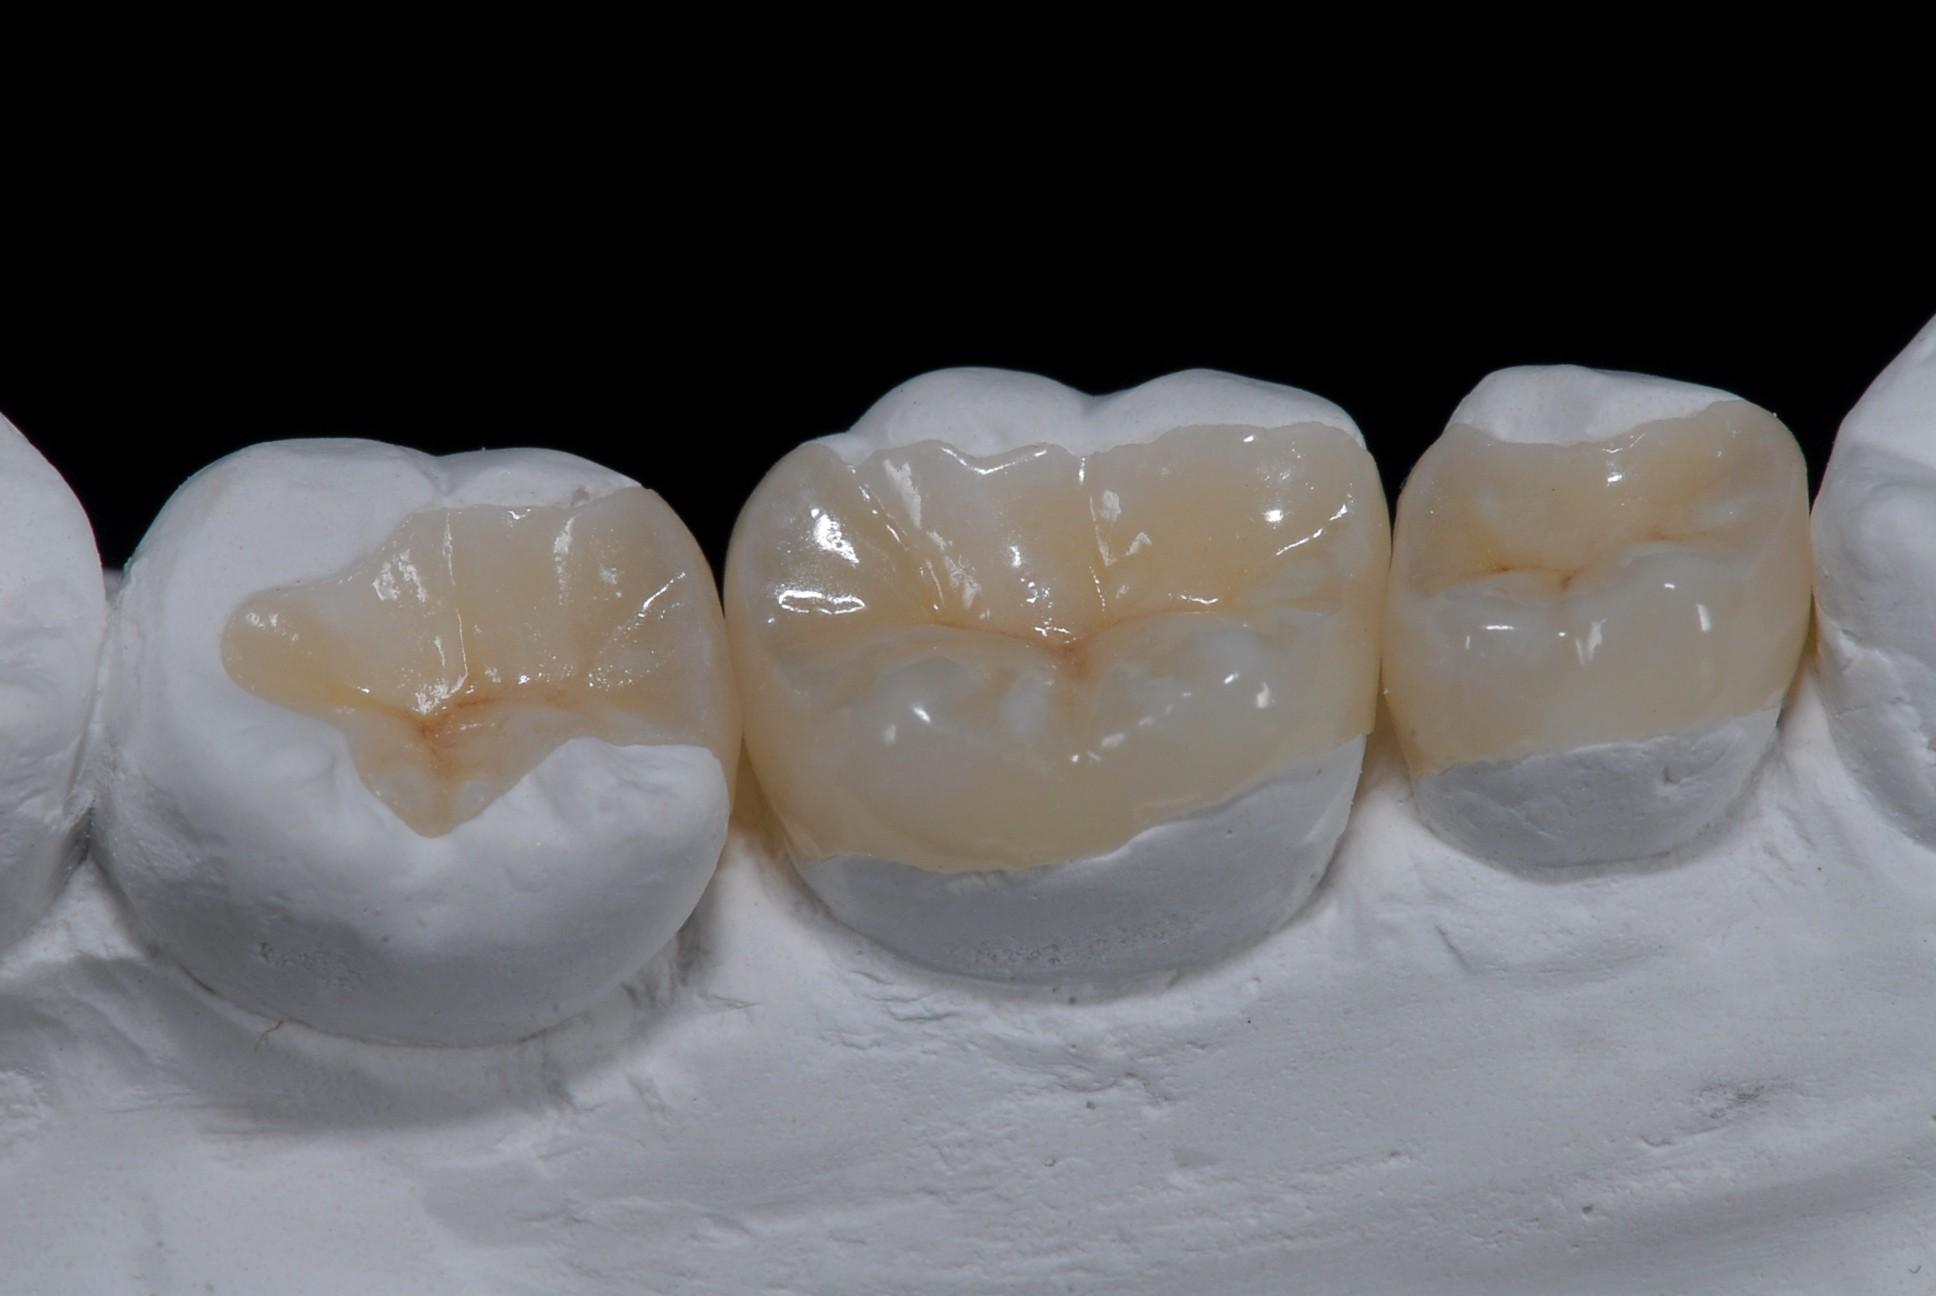 Chirurgie dentaire : que faire avant, pendant et après la chirurgie ?